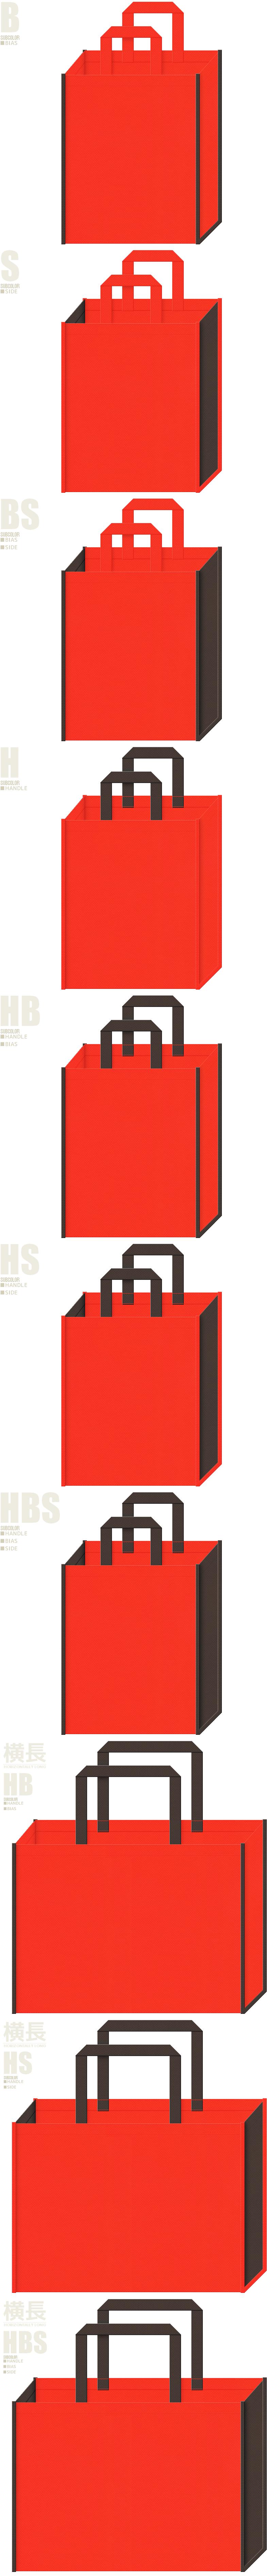 夕焼け・南国リゾート・紅茶・ハロウィンのイメージにお奨めの不織布バッグデザイン:オレンジ色とこげ茶色の配色7パターン